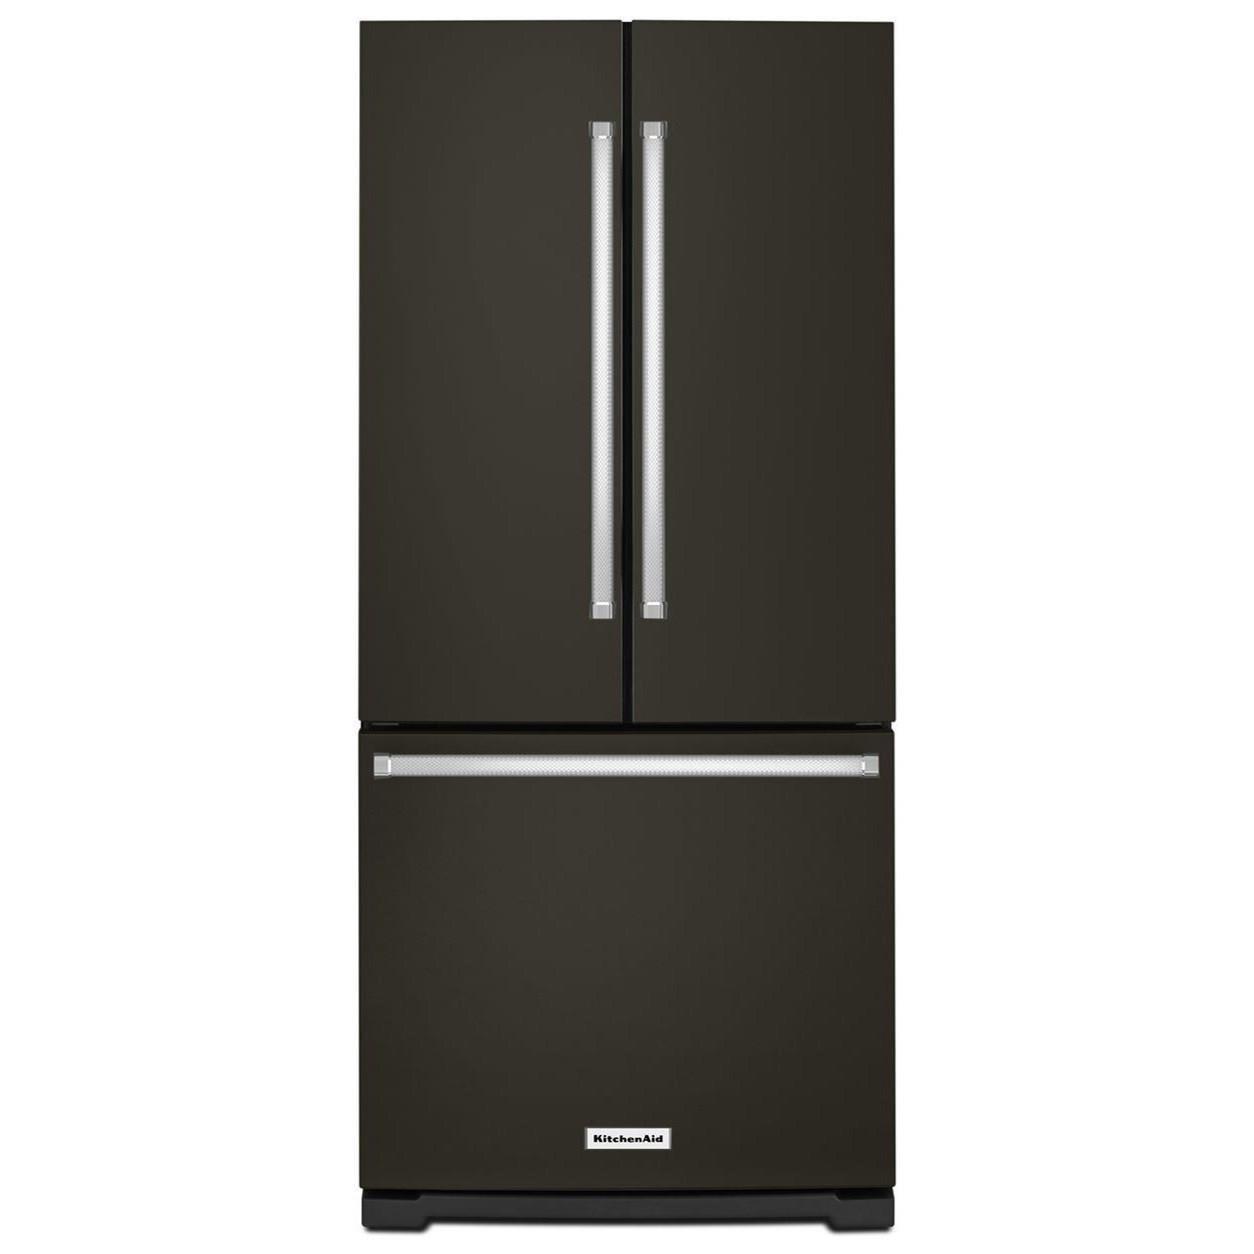 KitchenAid KitchenAid French Door Refrigerators20 Cu. Ft. 30 Inch French  Door Refrigerator